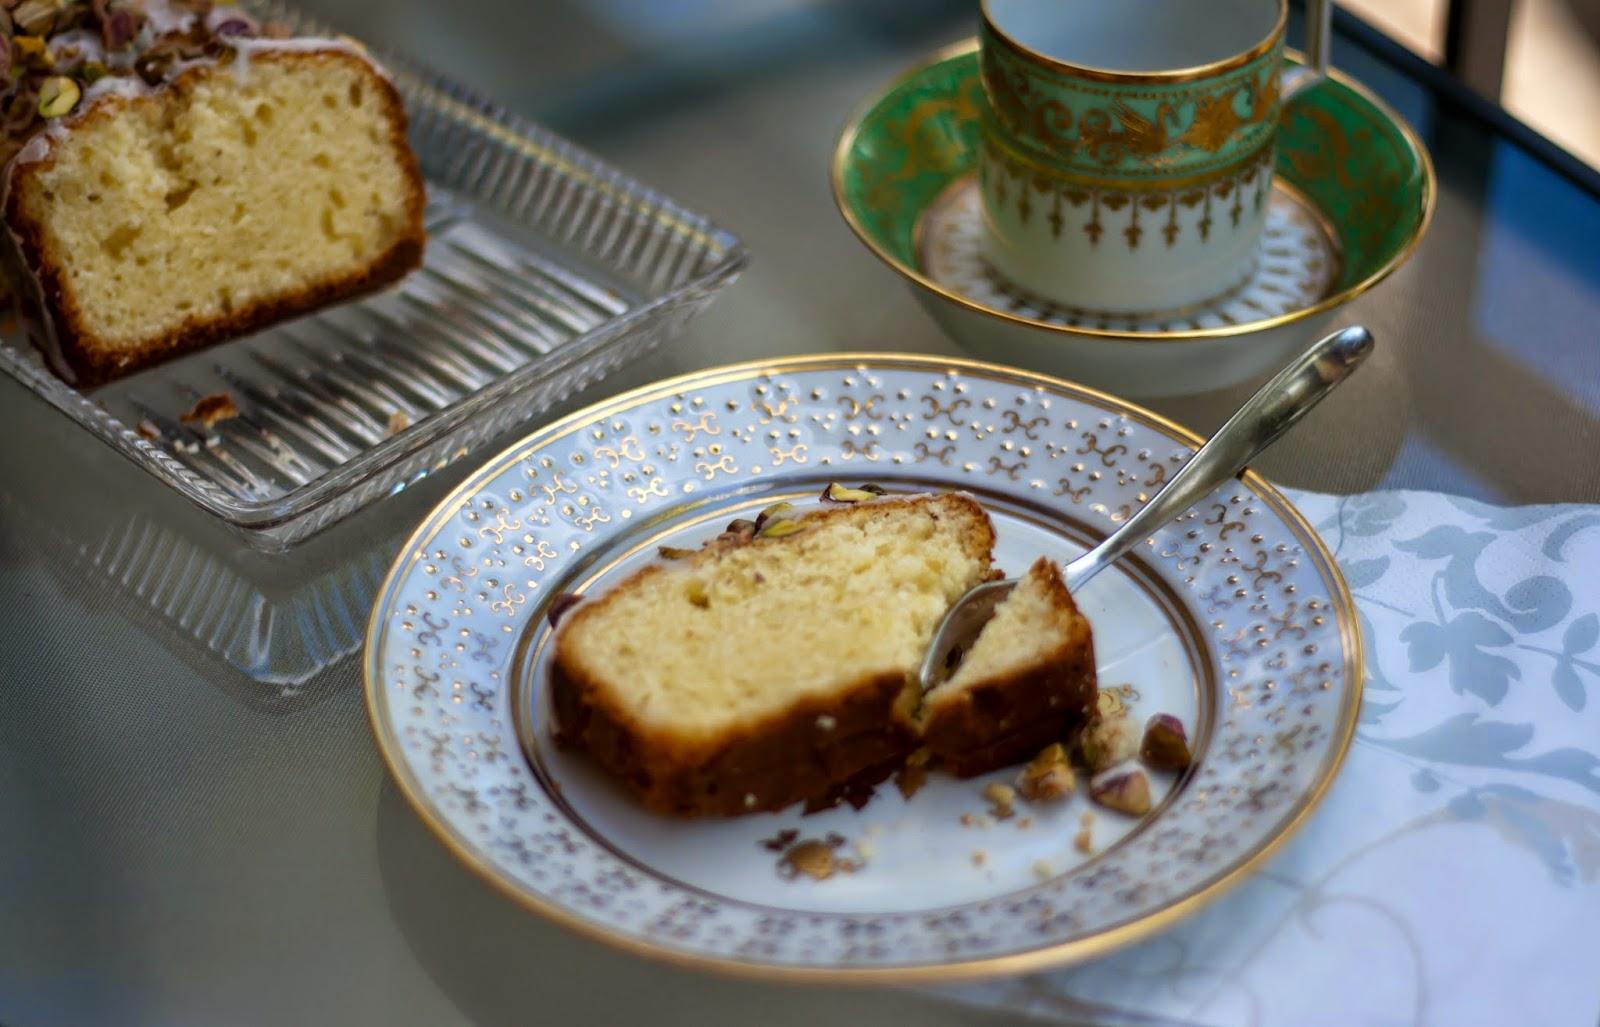 Zitronen Mascarpone Kuchen Mit Gesalzenen Pistazien Enthalt Werbung